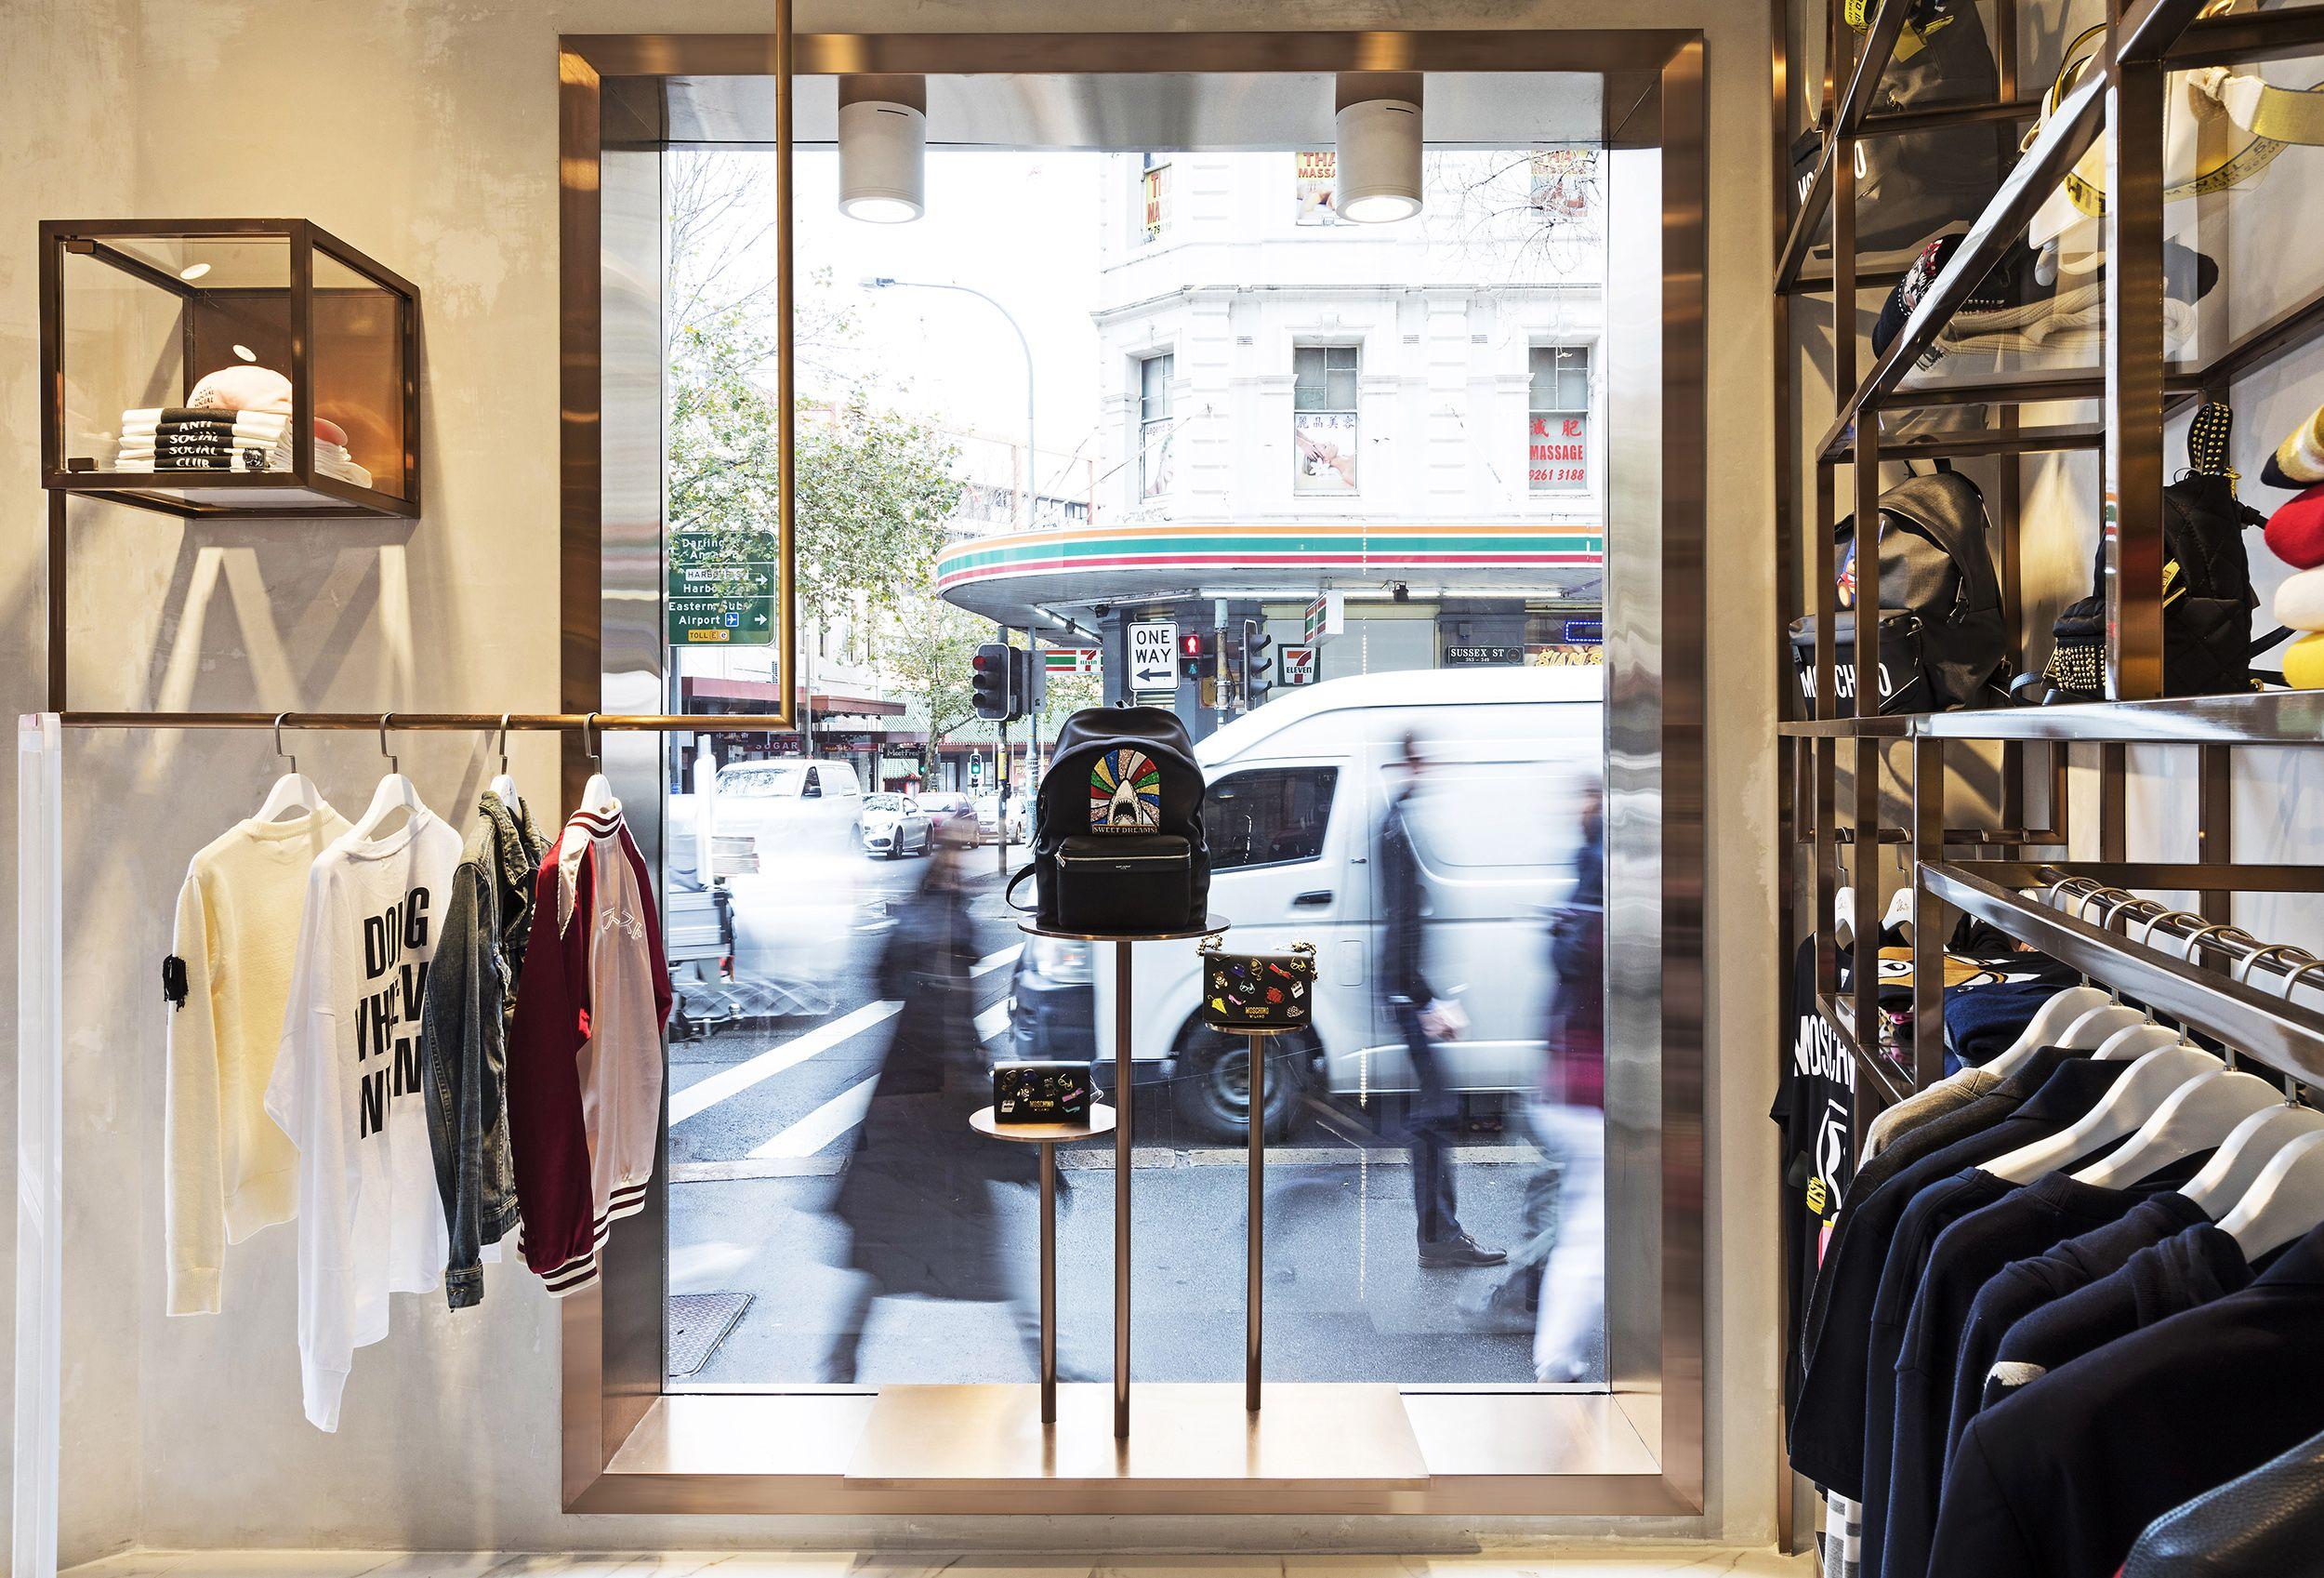 Interior Design Retaildesign Retail Hospitality Frame Copper  # Fabrica De Muebles Hedi